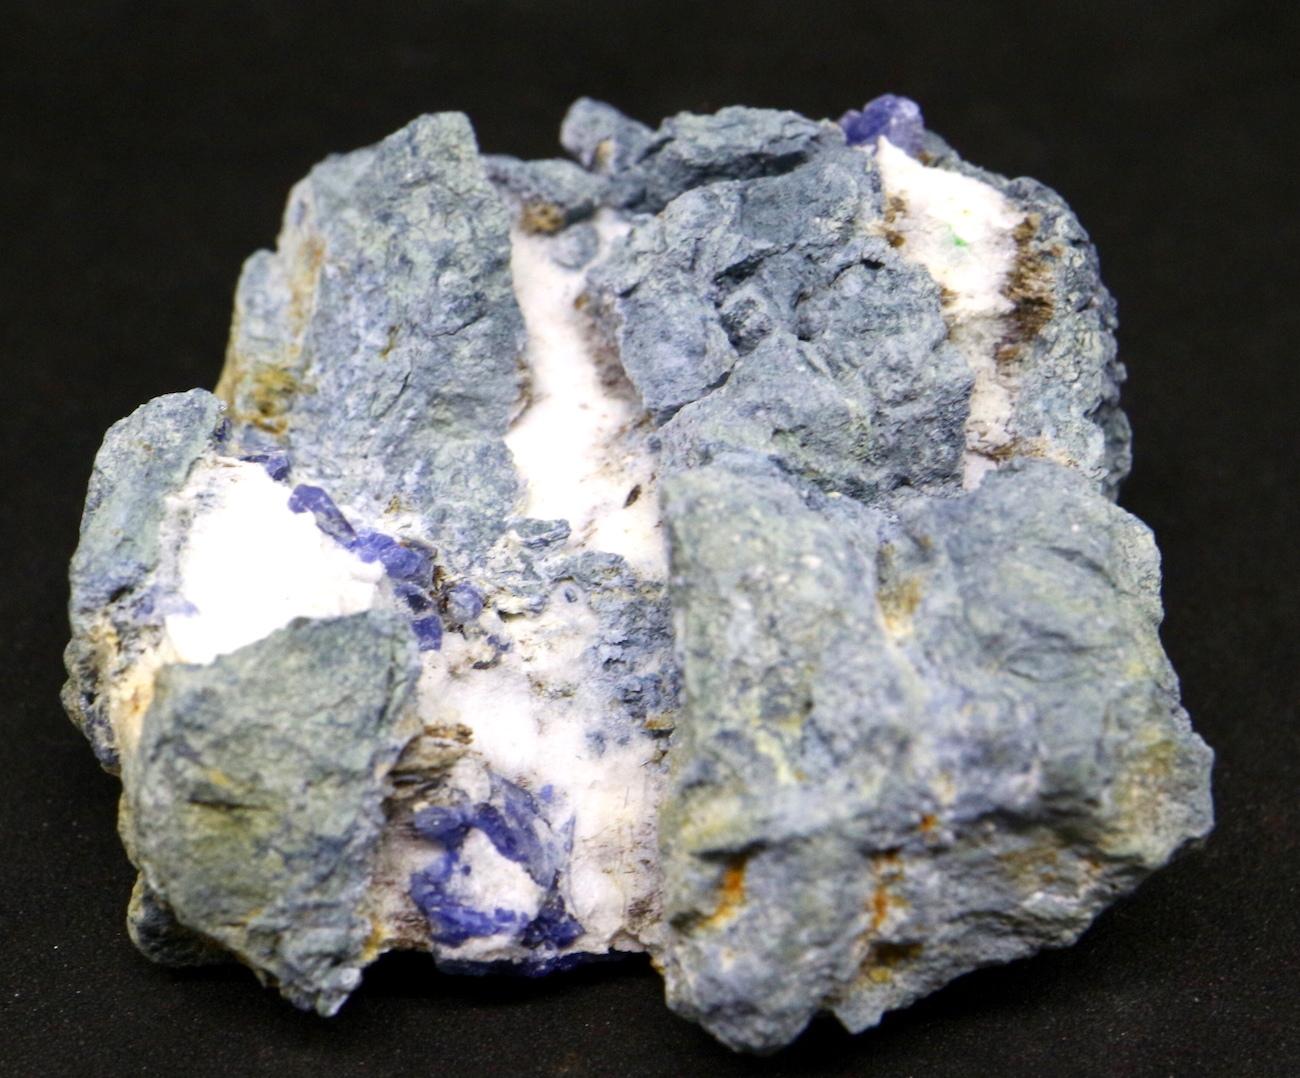 ベニトアイト 原石 ベニト石 カリフォルニア産 39,6g BN031